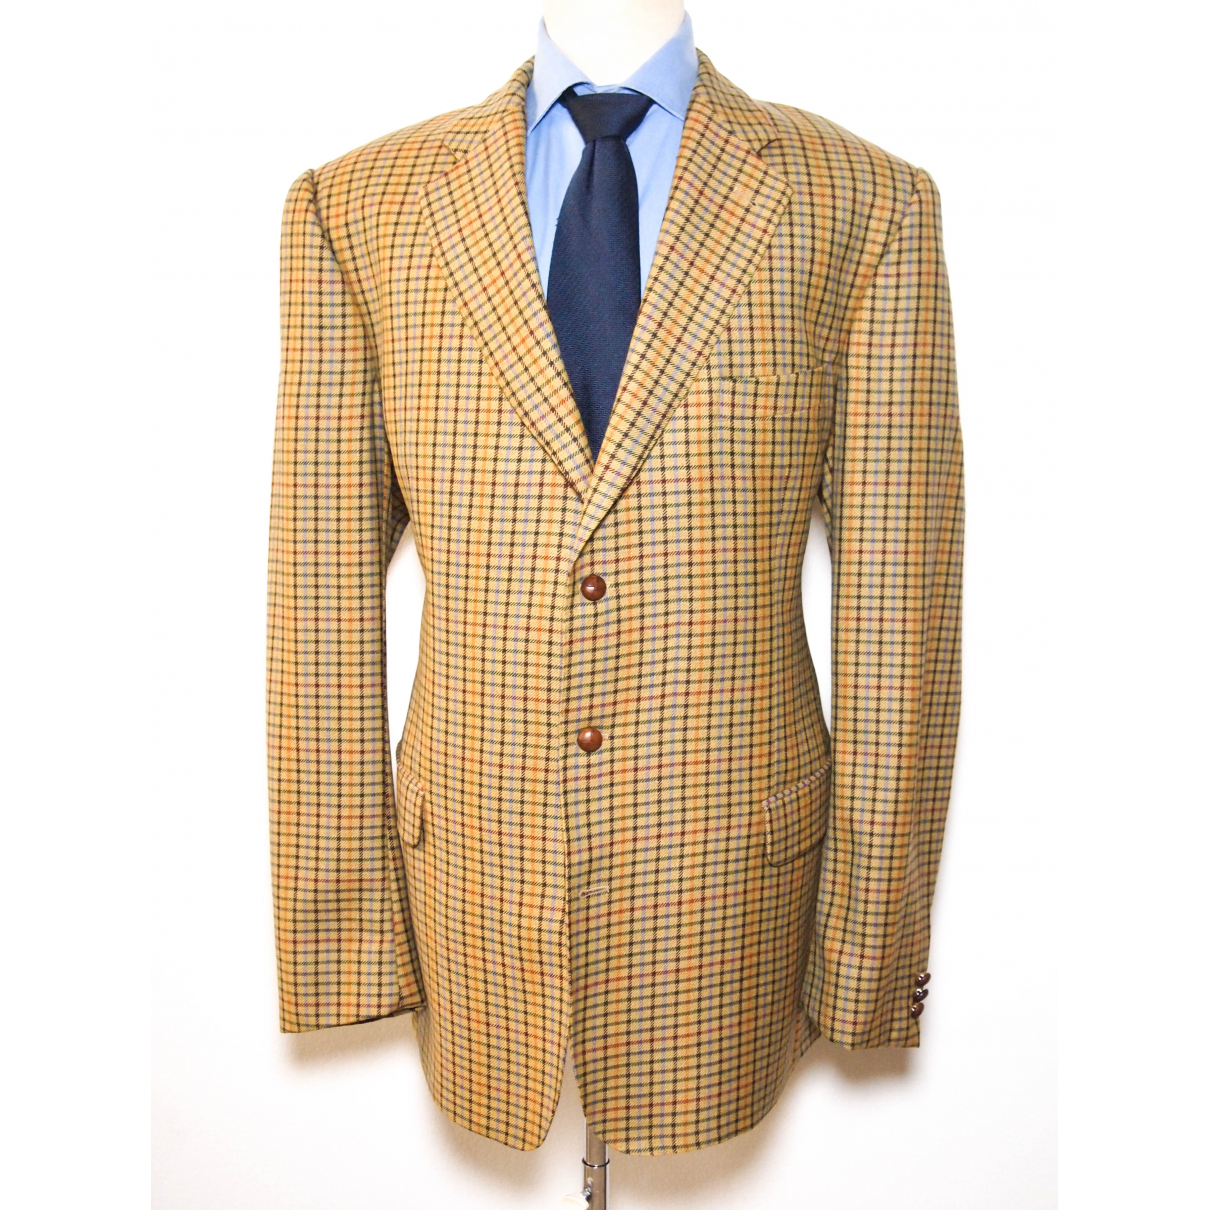 Burberry \N Jacke in  Beige Wolle